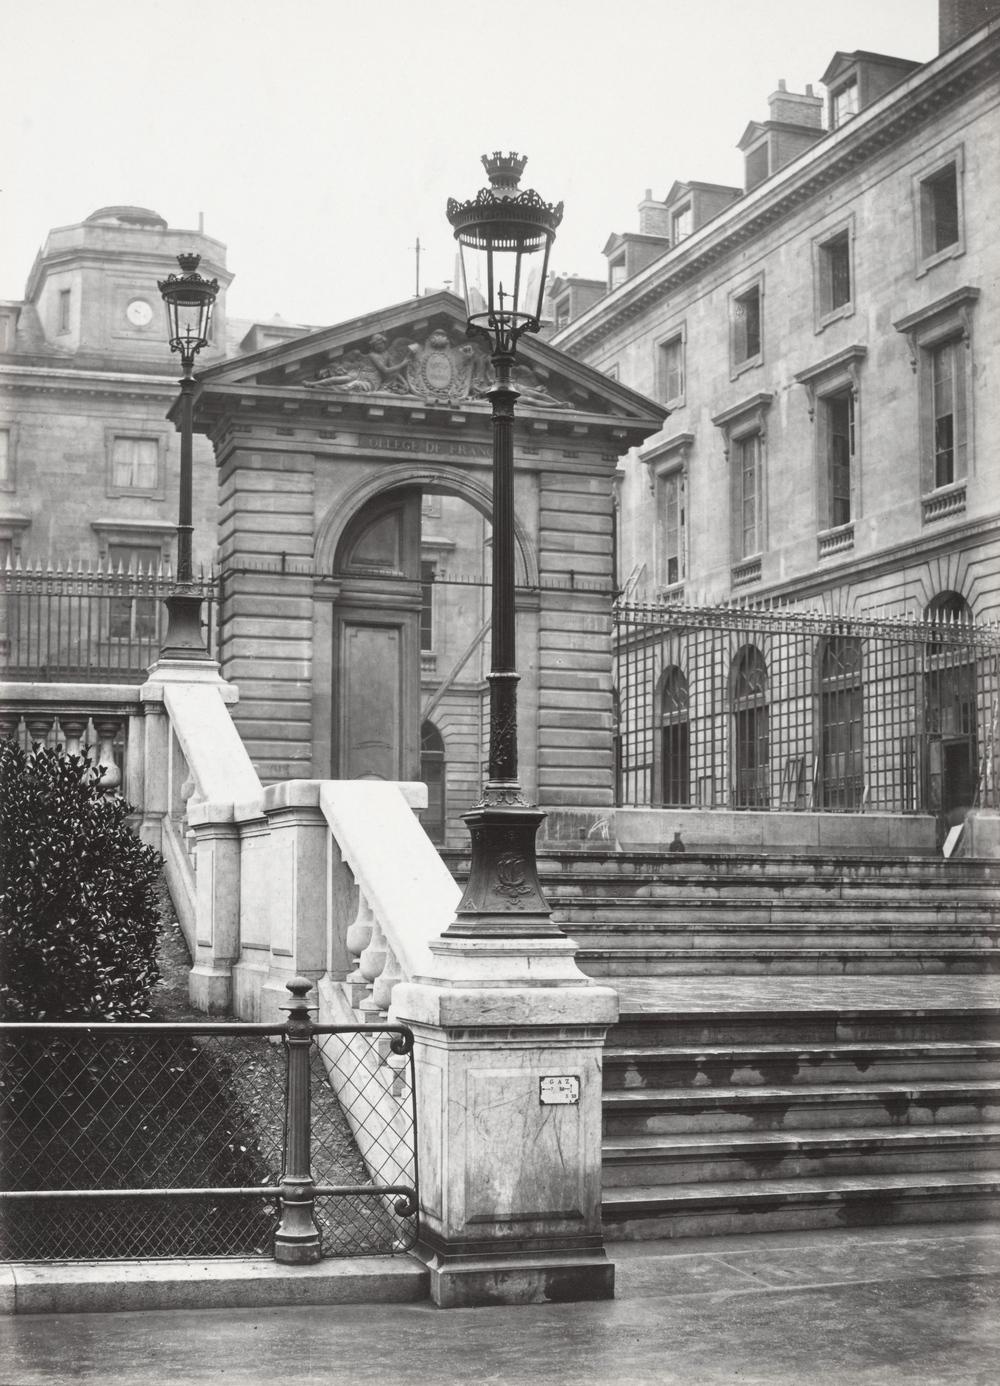 Charles_Marville,_Square_du_Collége_de_France,_1878.jpg